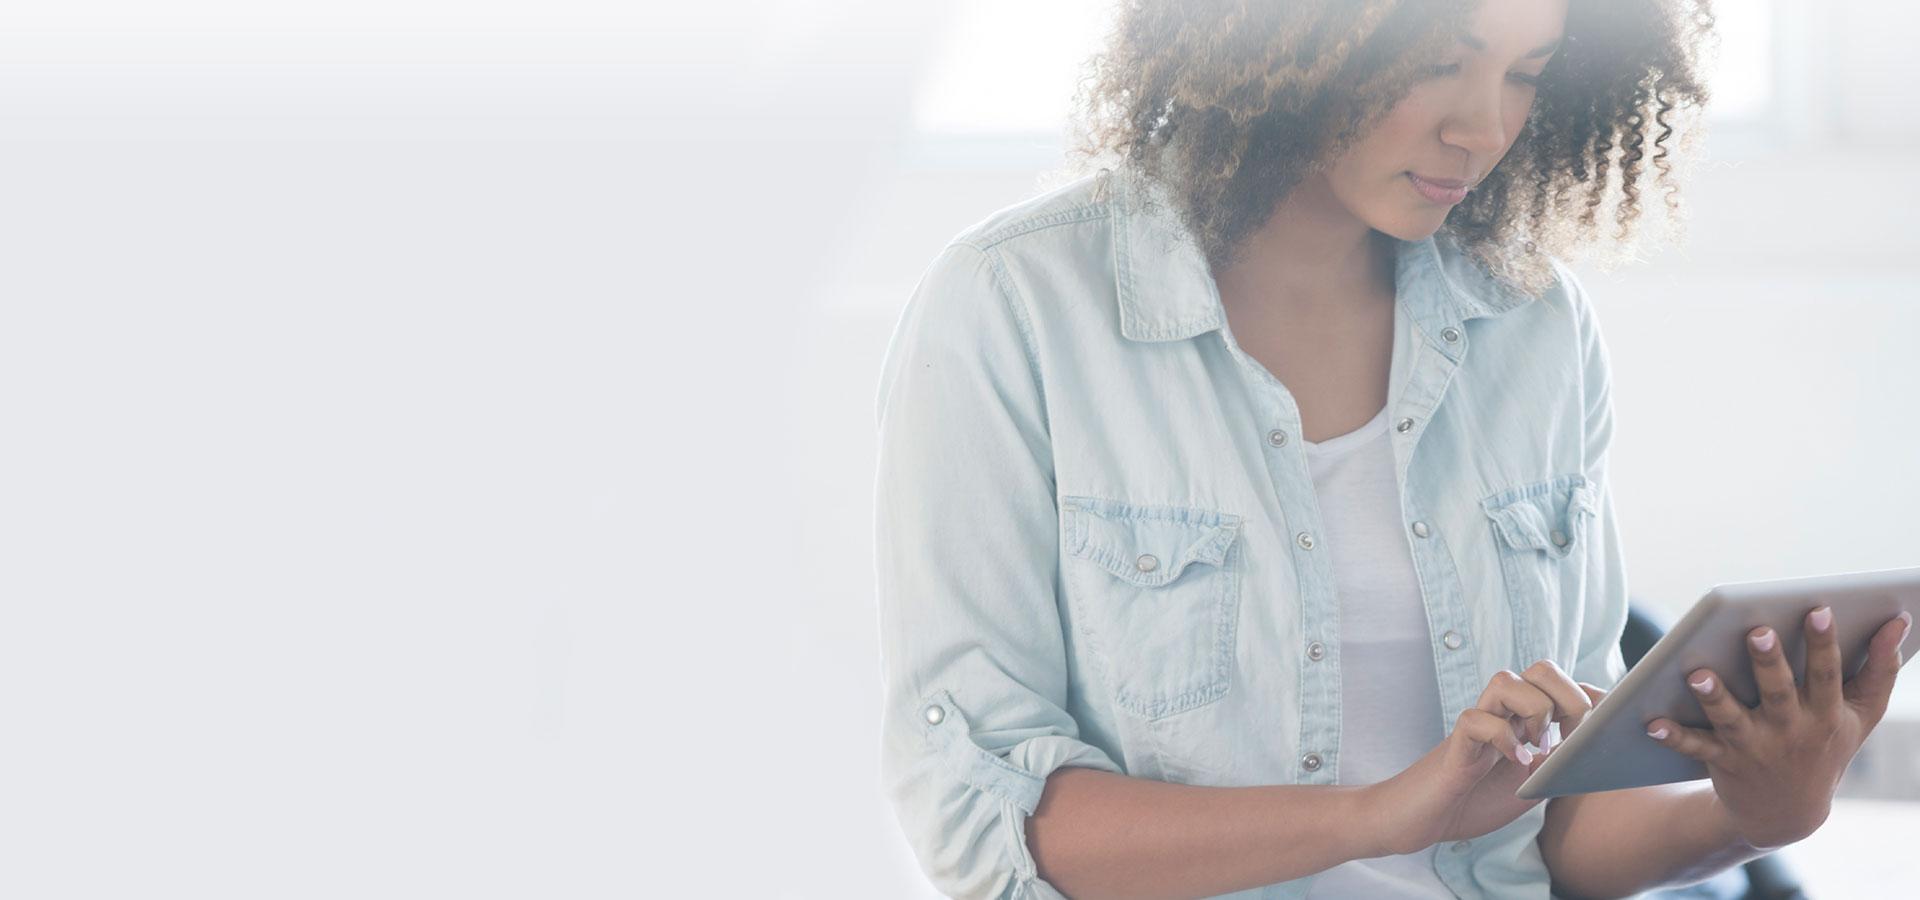 jeune femme metisse aux cheveux bouclés regarde un ipad, tablette numérique